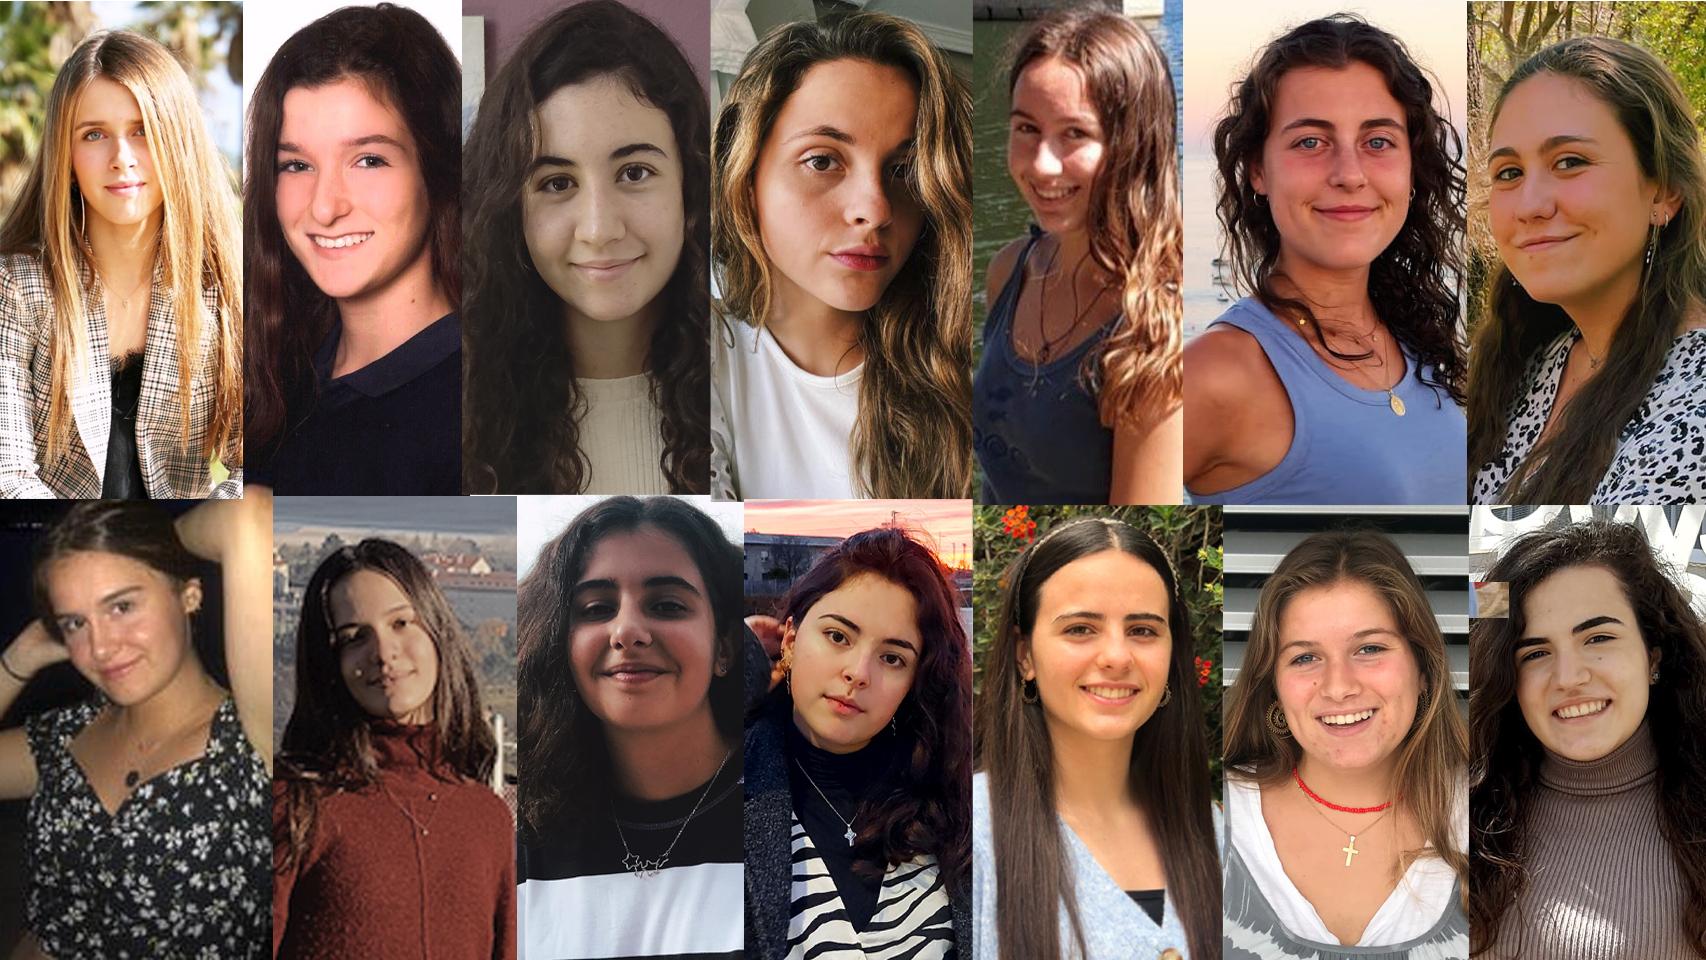 Las 14 chicas con un 10 de nota media elegidas para la Beca Europa.